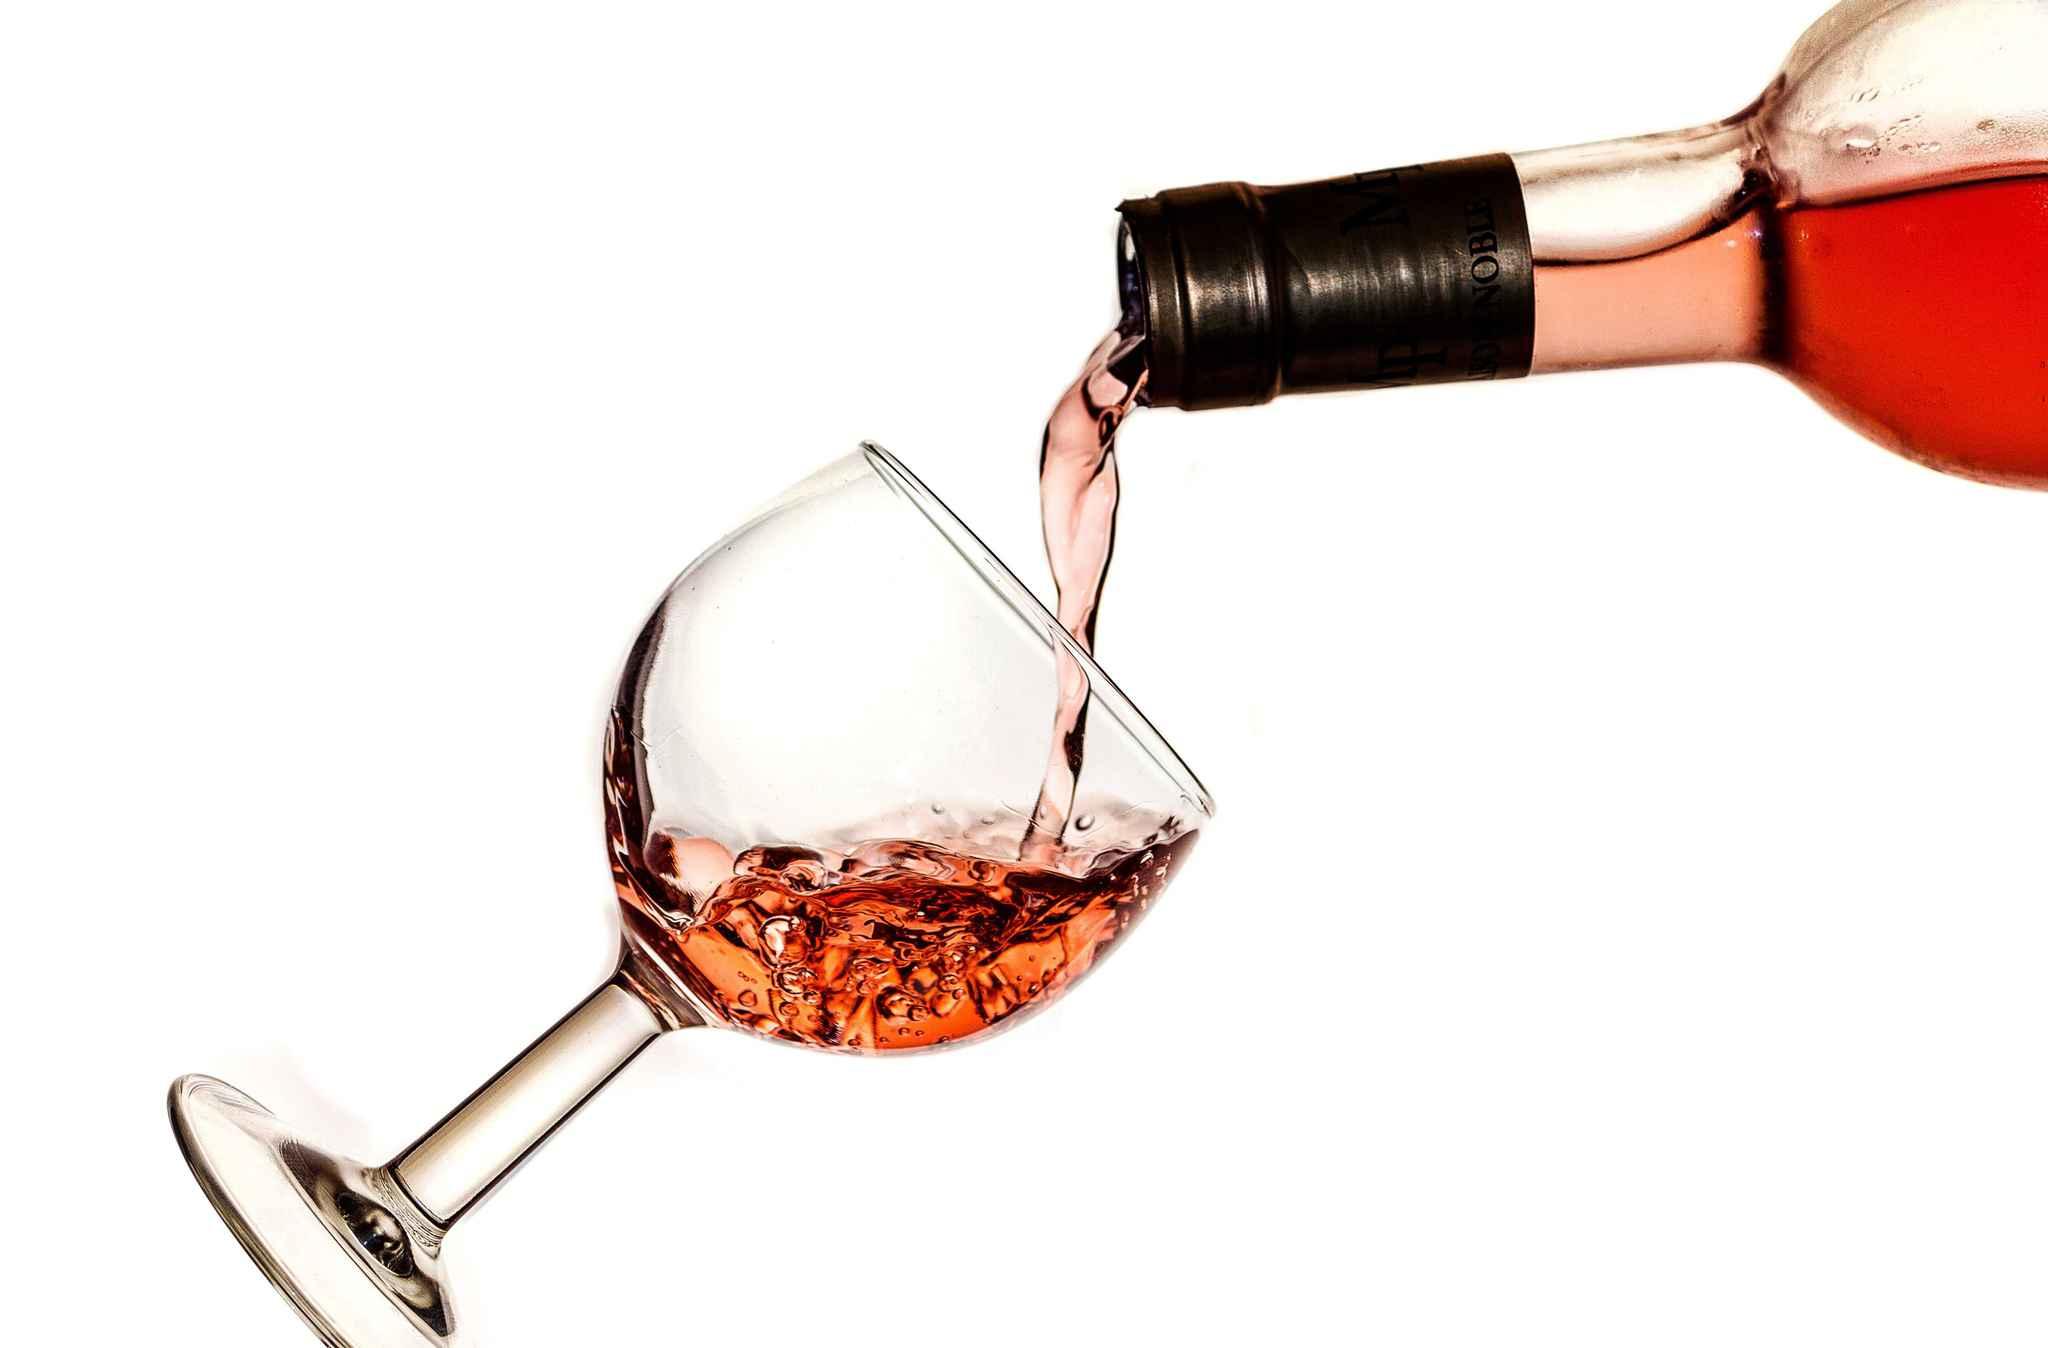 Acheter du vin : ce n'est peut-être pas le meilleur investissement